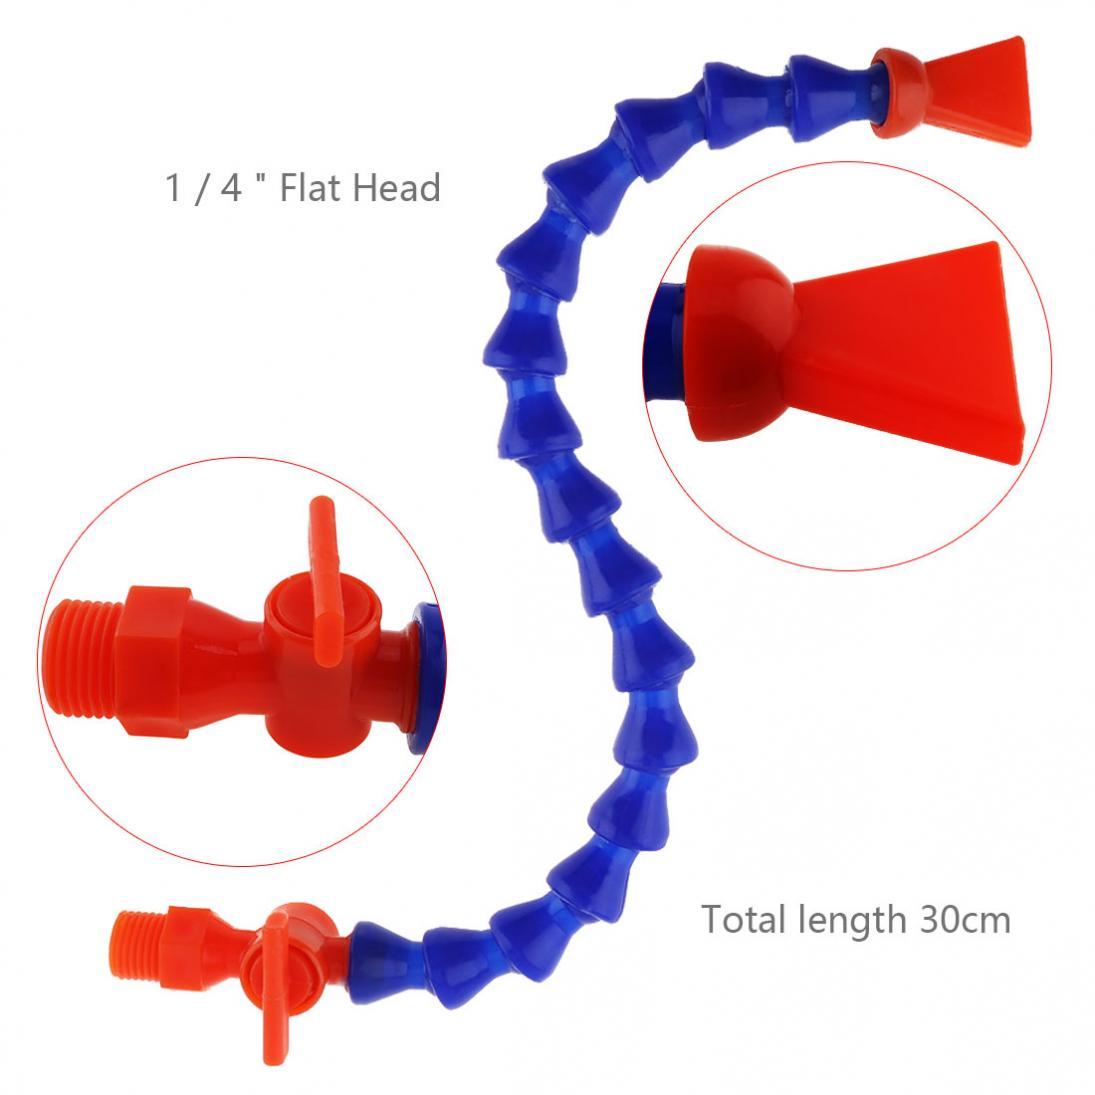 Pulverizadores de enfriamiento de 1/4 pulgadas, boquilla plana de 300mm, tubo de enfriamiento de aceite de agua Flexible de plástico con interruptor para máquina CNC/fresado/torno